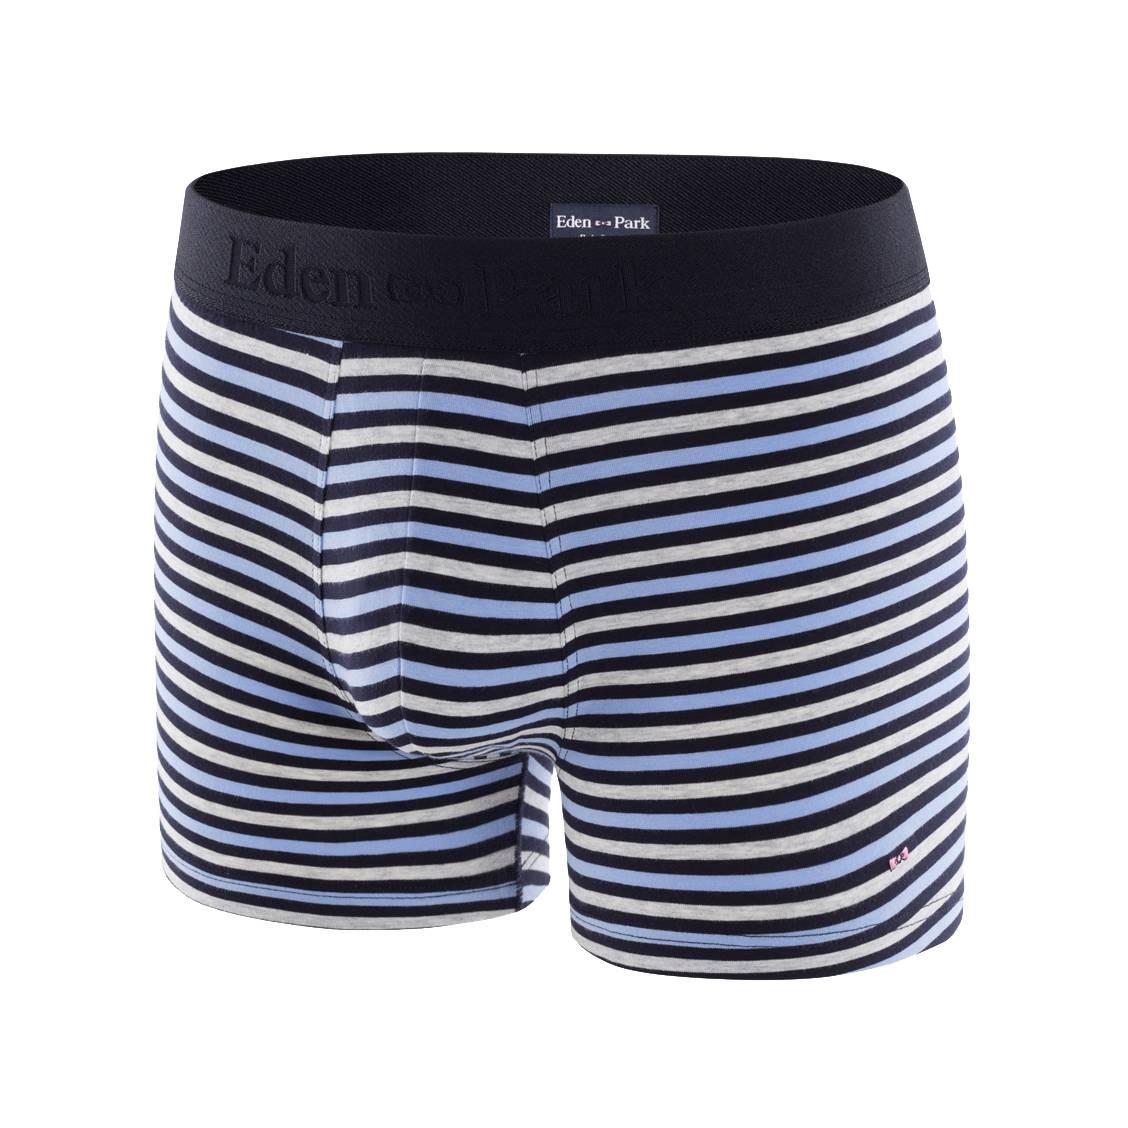 Boxer  en coton stretch rayé gris chiné, bleu marine et bleu ciel